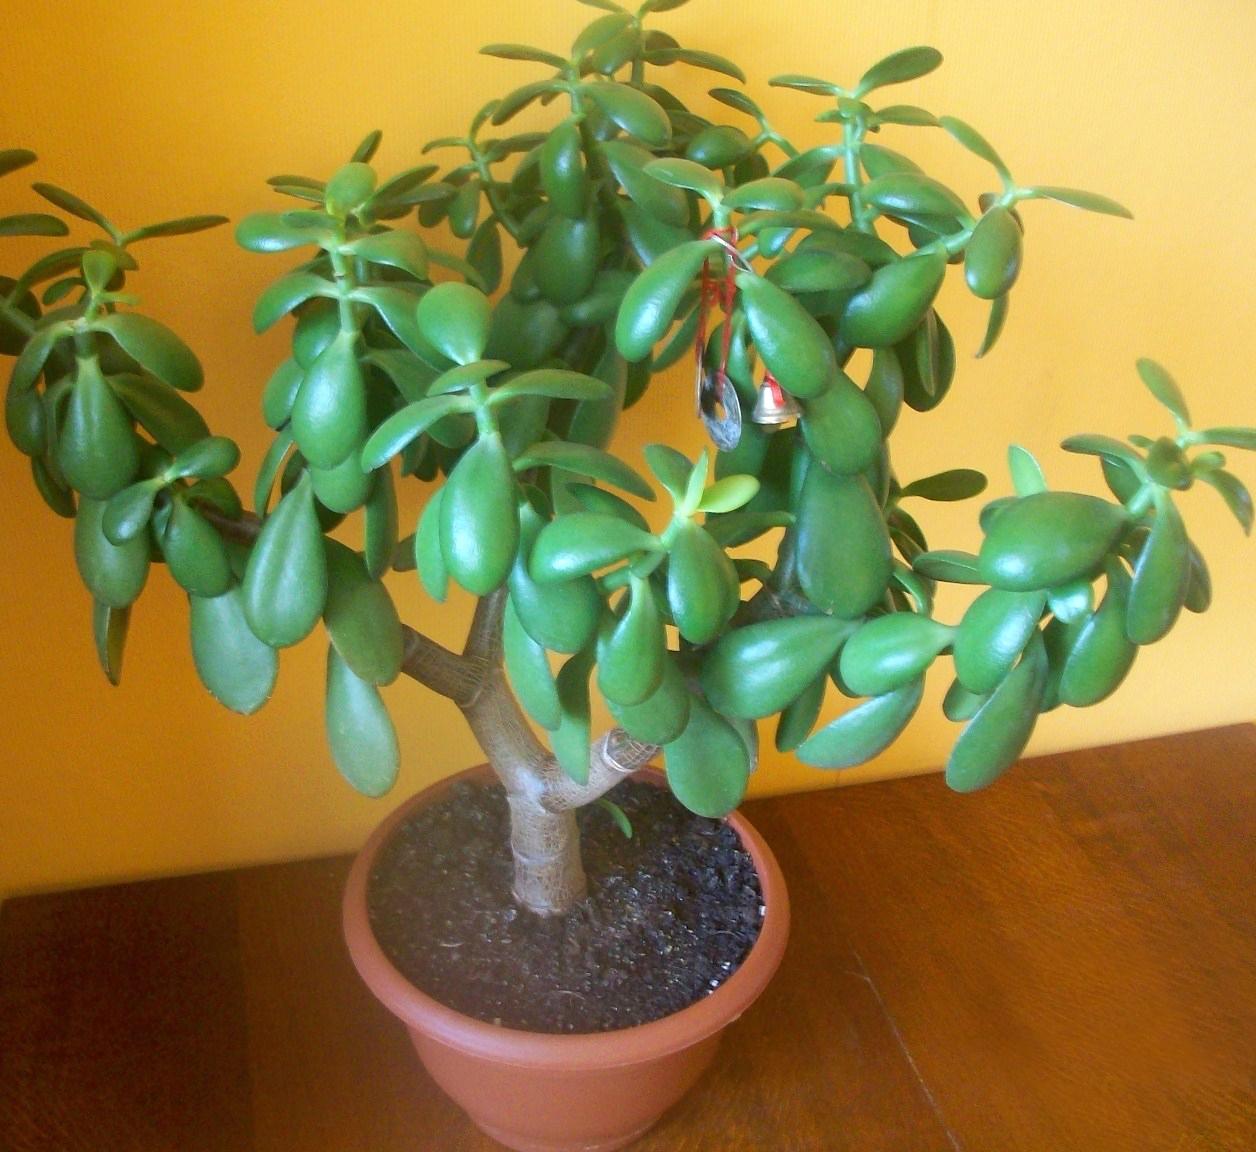 Денежное дерево: полезные свойства цветка для человека и дома, вред и противопоказания, и в чем польза толстянки для здоровья, ядовито ли комнатное растение или нет?